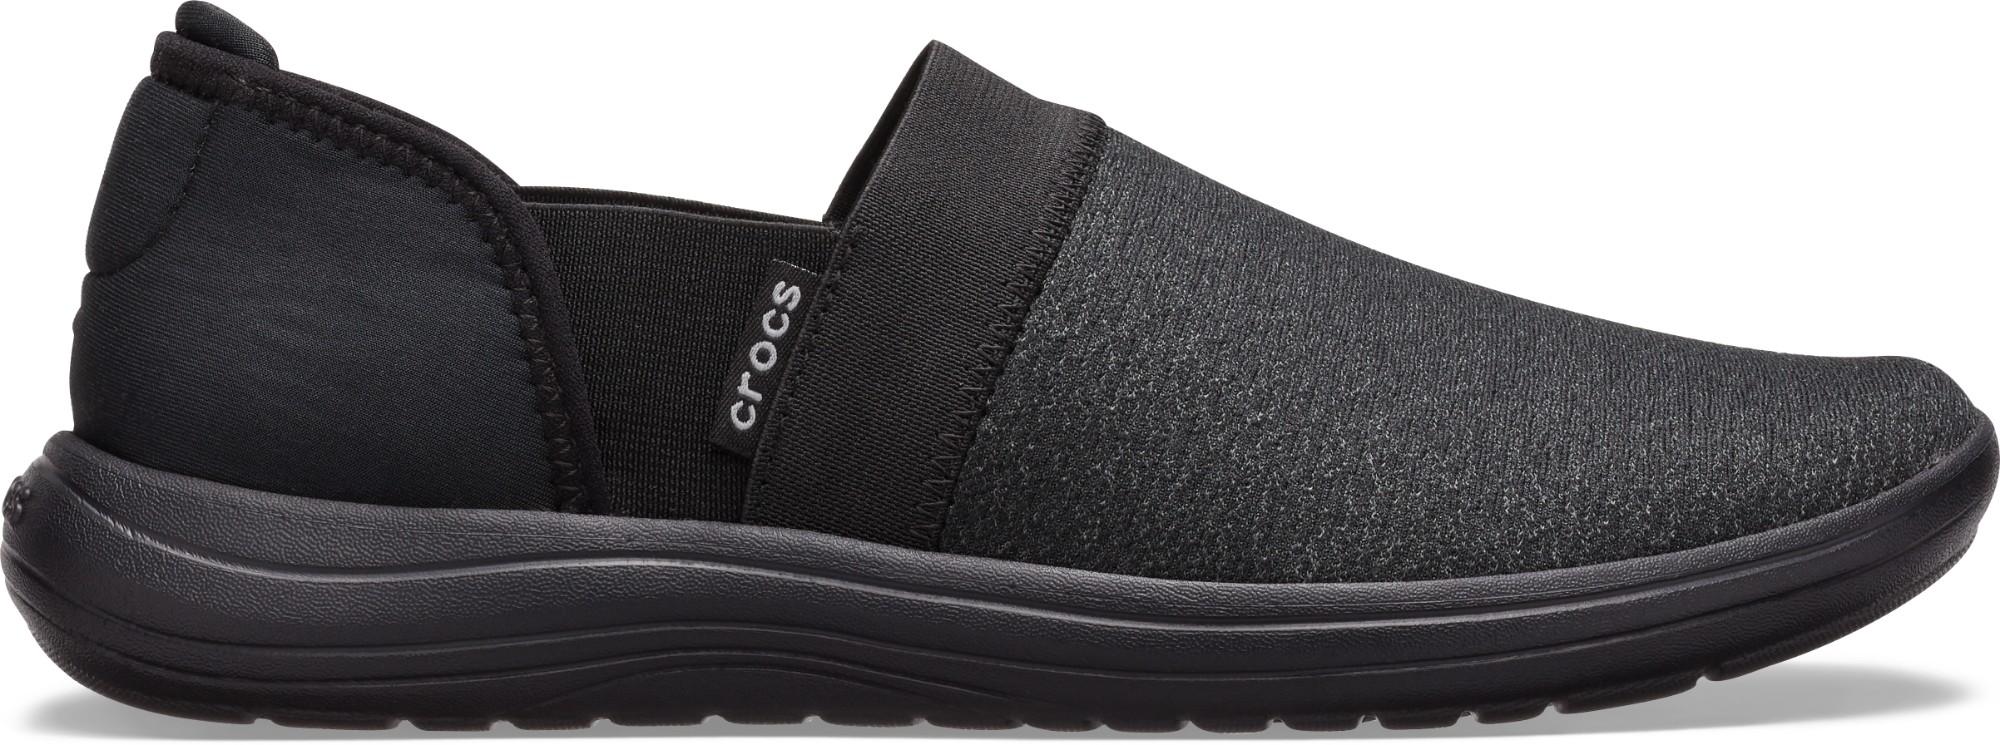 Crocs™ Reviva Slip-On Women's Black/Black 41